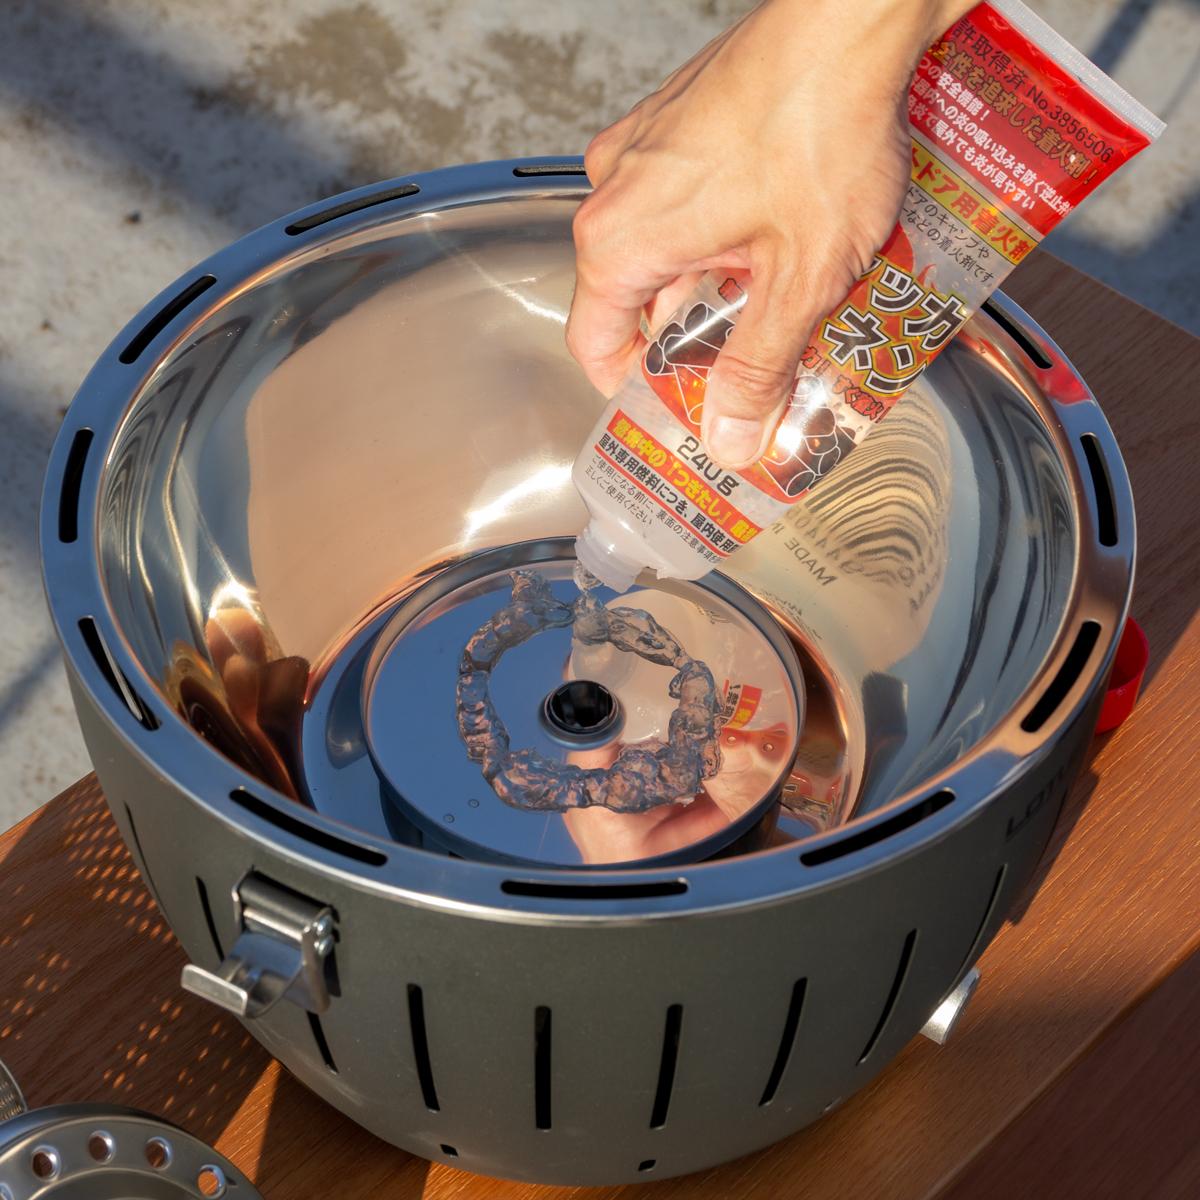 手順1|煙が少ない火力調節ファン付きロースターで、大人の気楽なBBQができる「炭火焼グリル」(一人キャンプ、ソロBBQに)|Lotus Grill